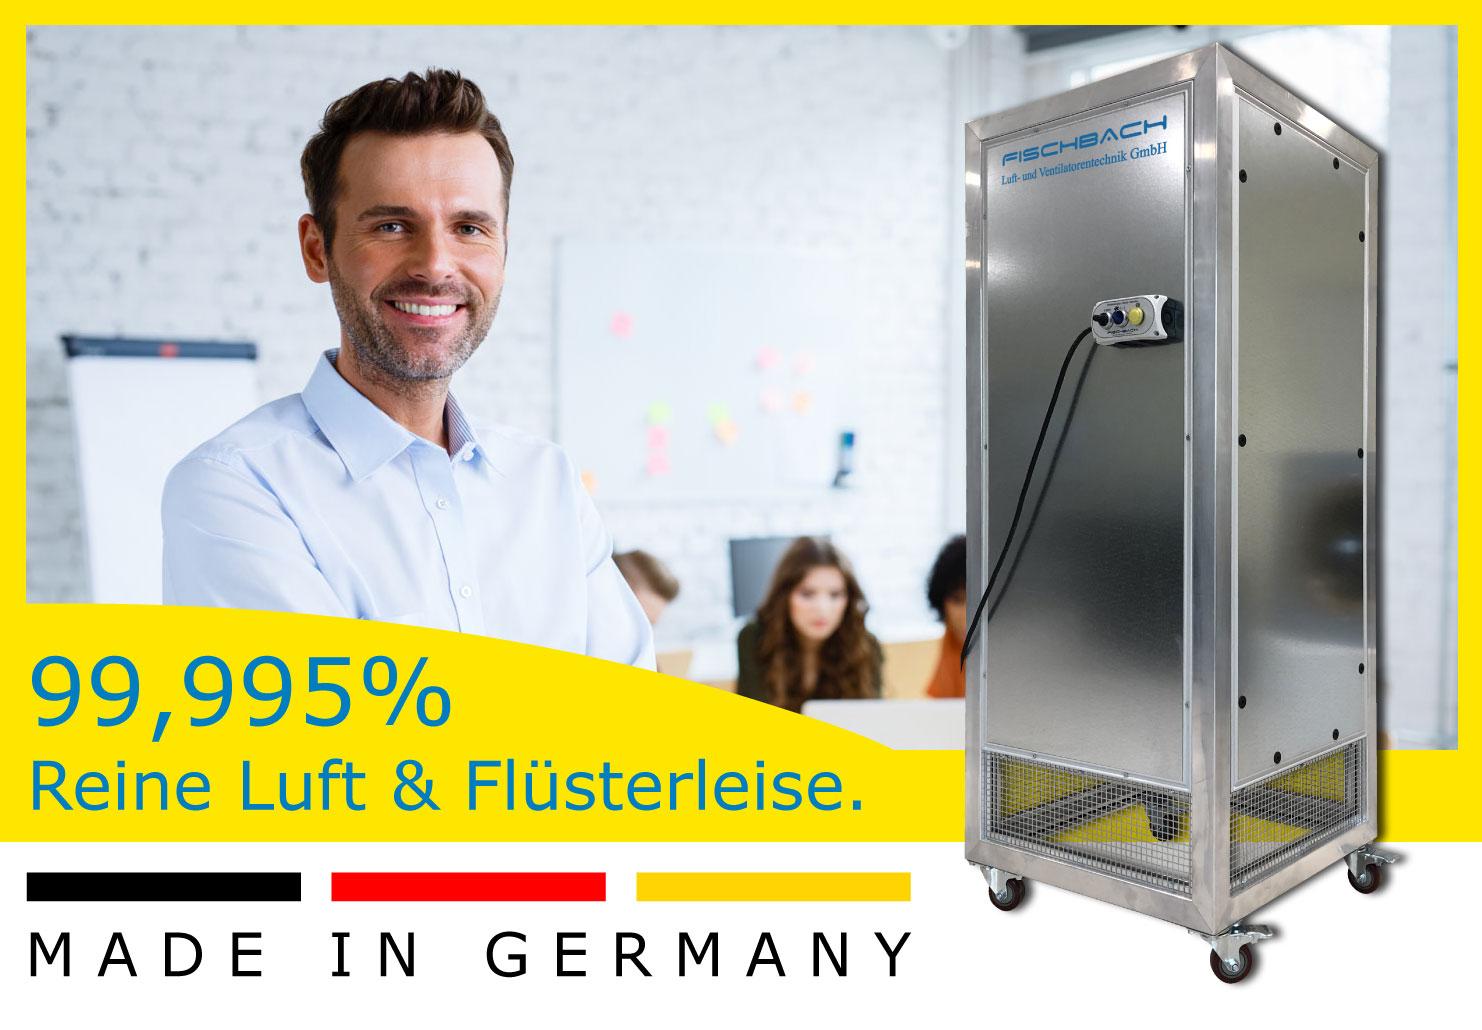 Fischbach Luftreiniger LRM - 99,995 % Reine Luft - Made in Germany